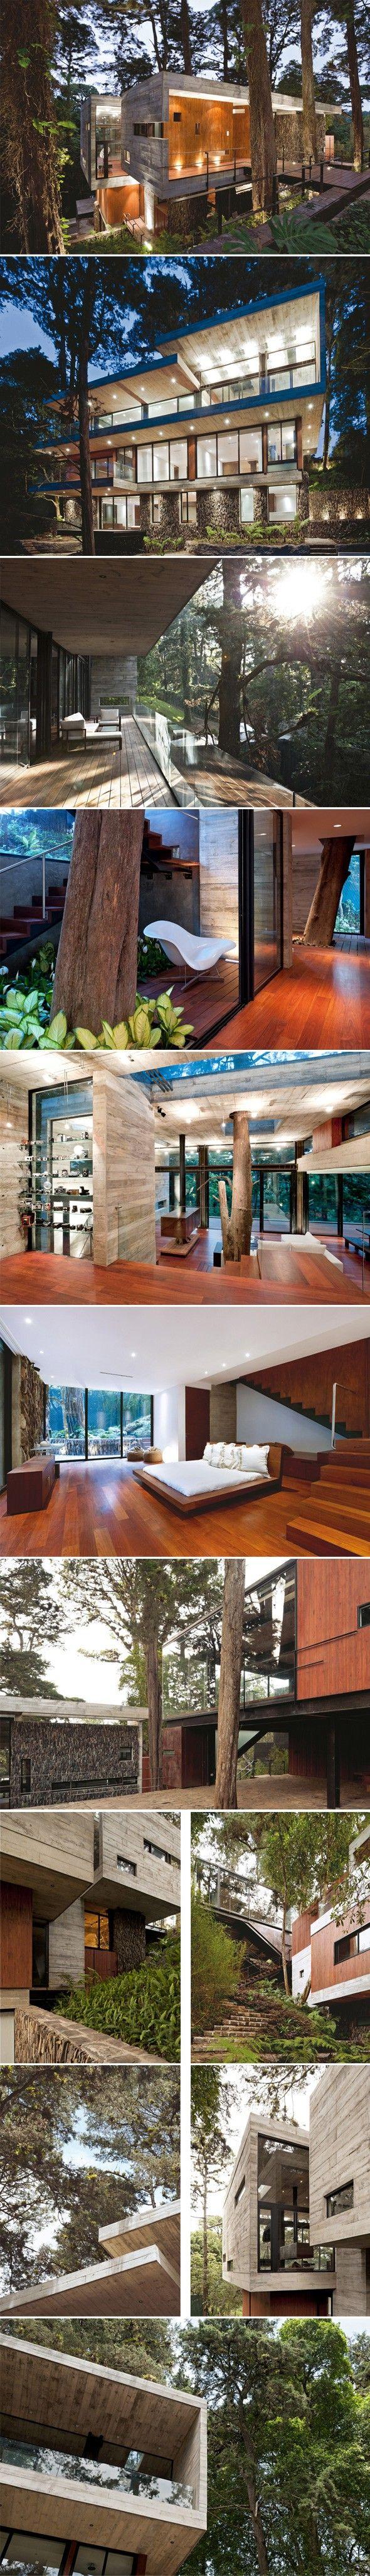 Béton et nature imaginé par le studio Paz Arquitectura Le béton n'est pas forcément synonyme de destruction de la nature, cette magnifique maison en est un